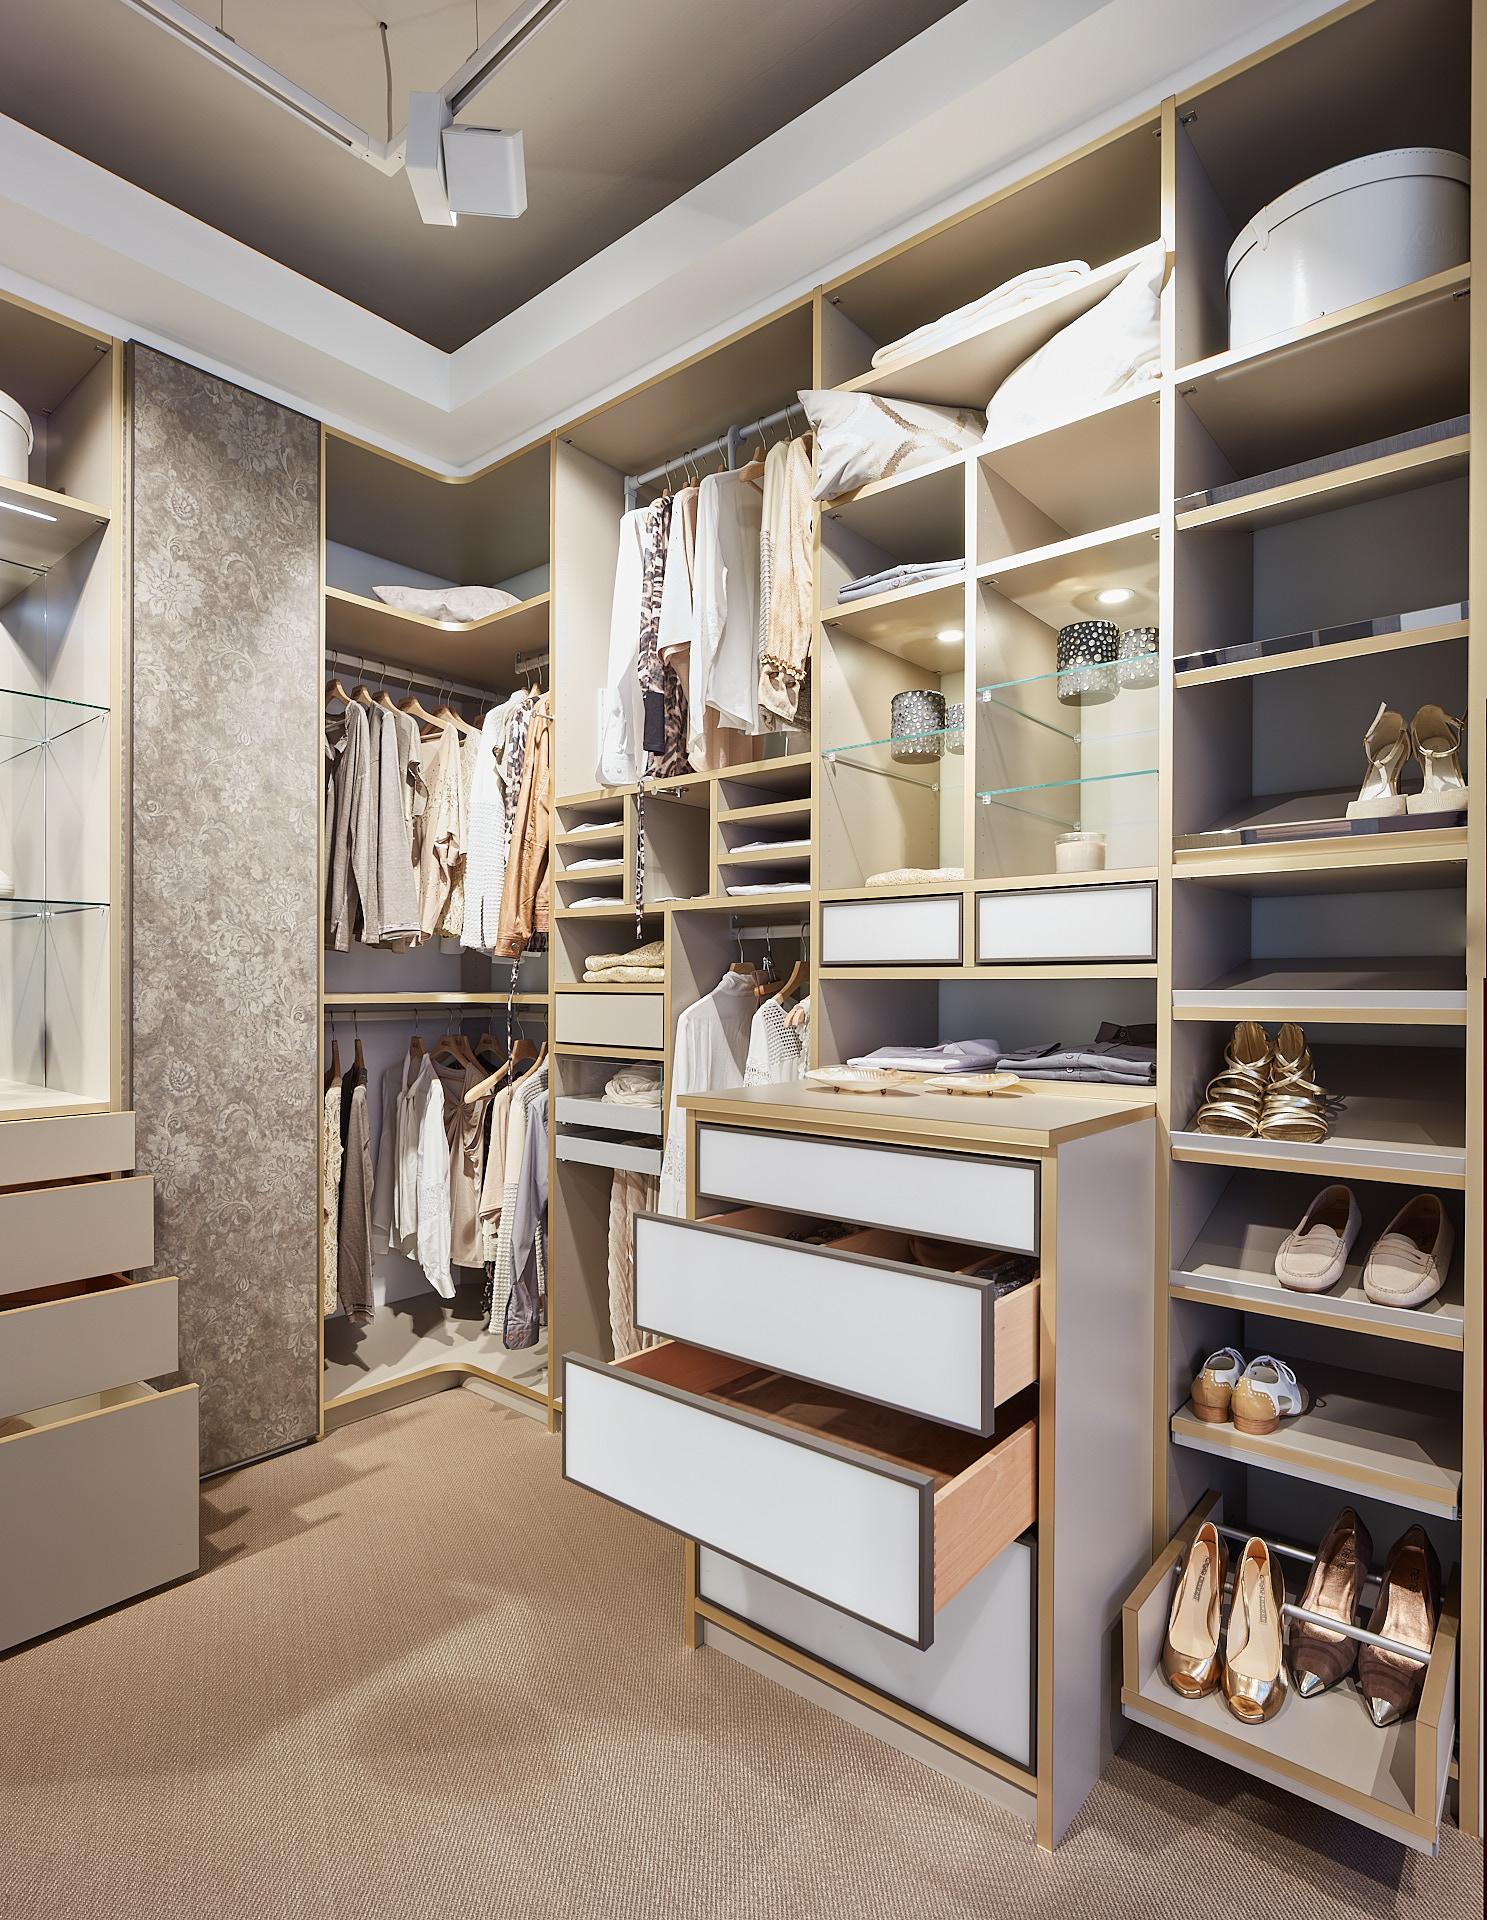 Kleiderschrank über Eck für begehbares Ankleidezimmer.